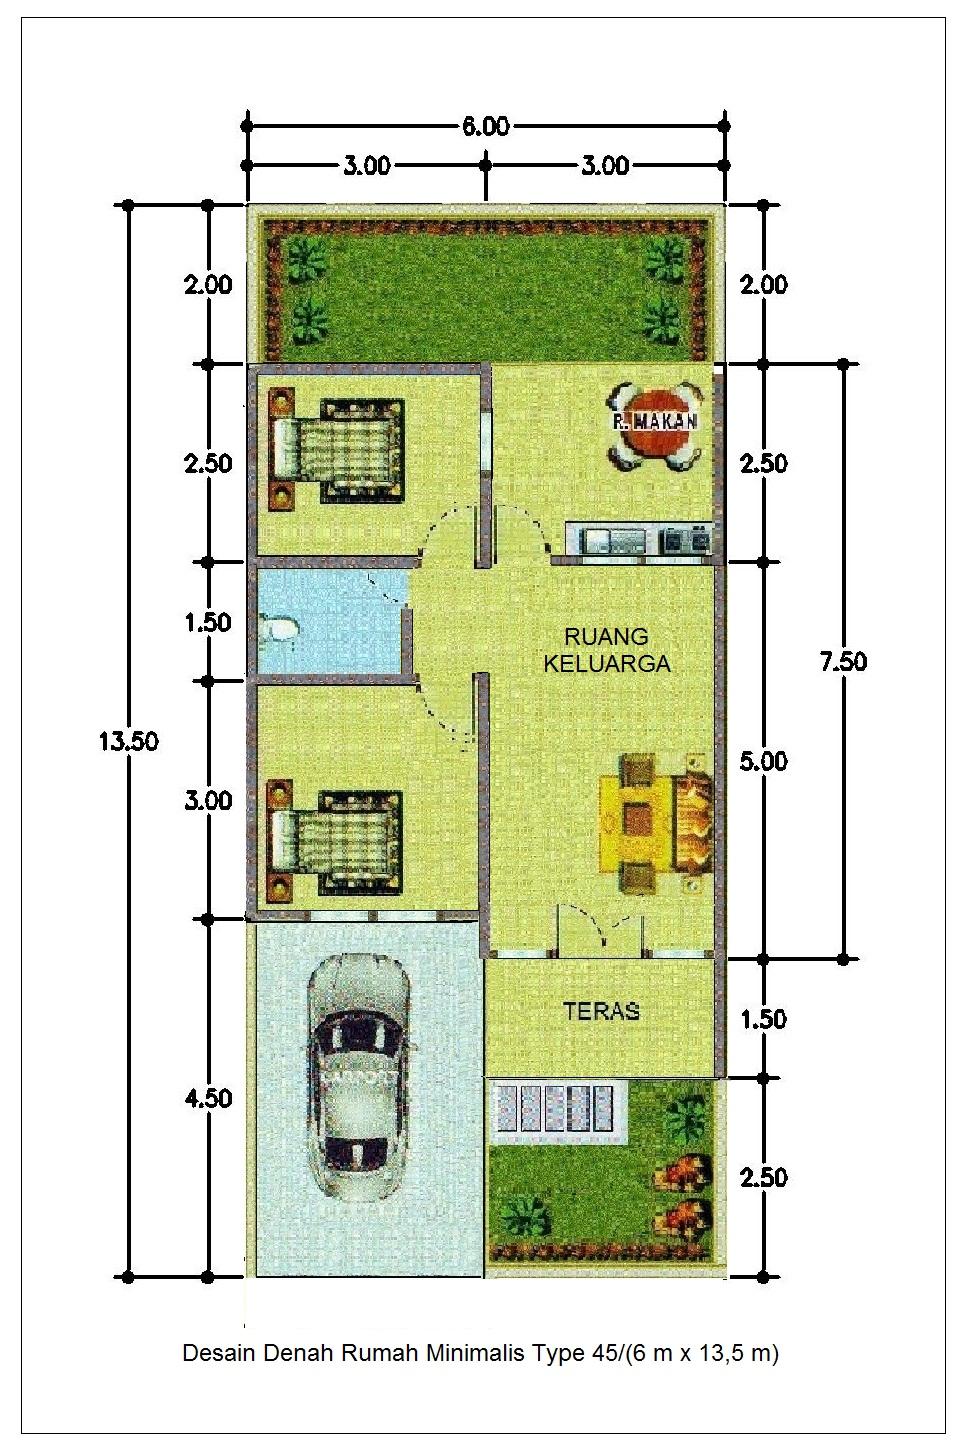 Desain Denah Rumah Minimalis Type 45 6m X 135m Info Properti